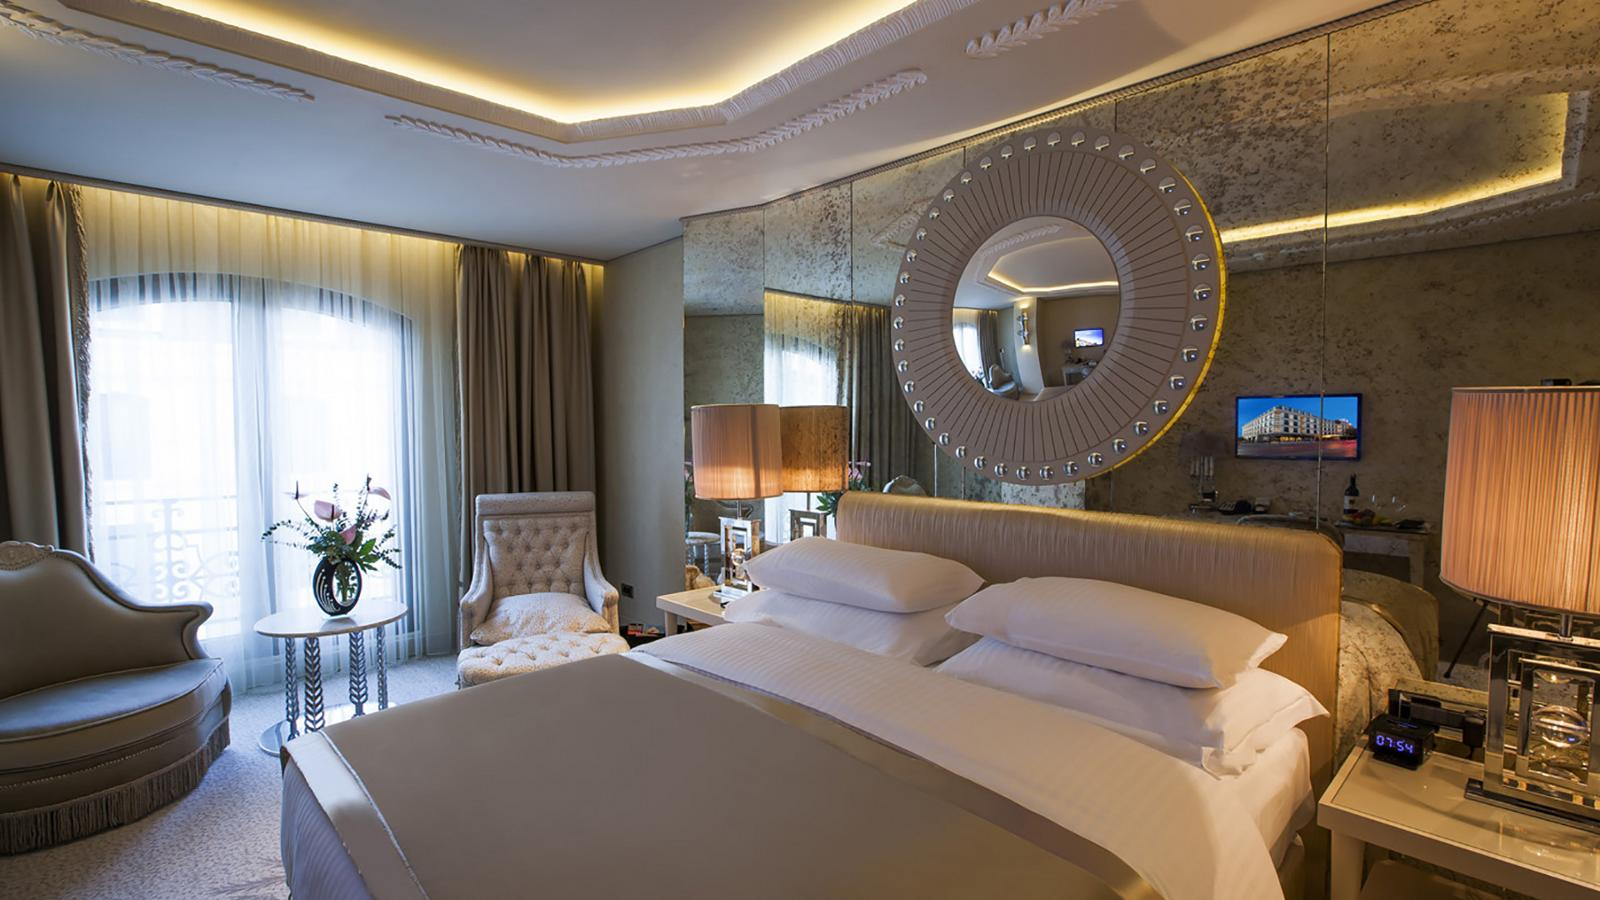 هتل ویندهام گرند کالامیش مارینا استانبول